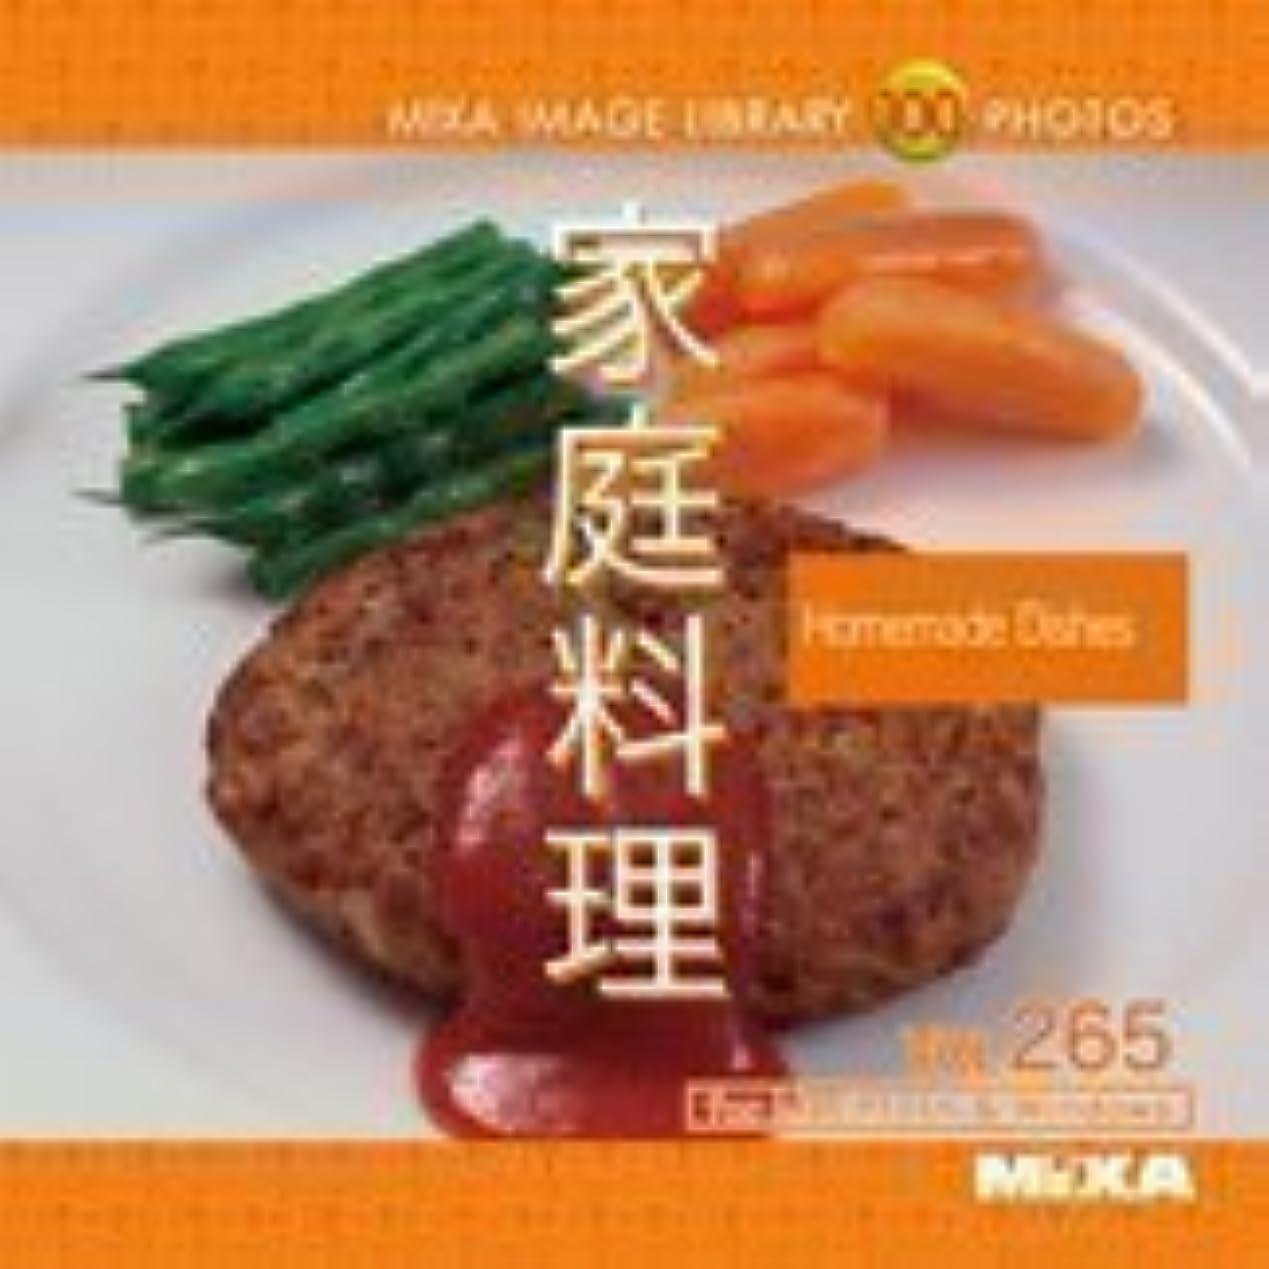 遊びます韓国アリMIXA IMAGE LIBRARY Vol.265 家庭料理